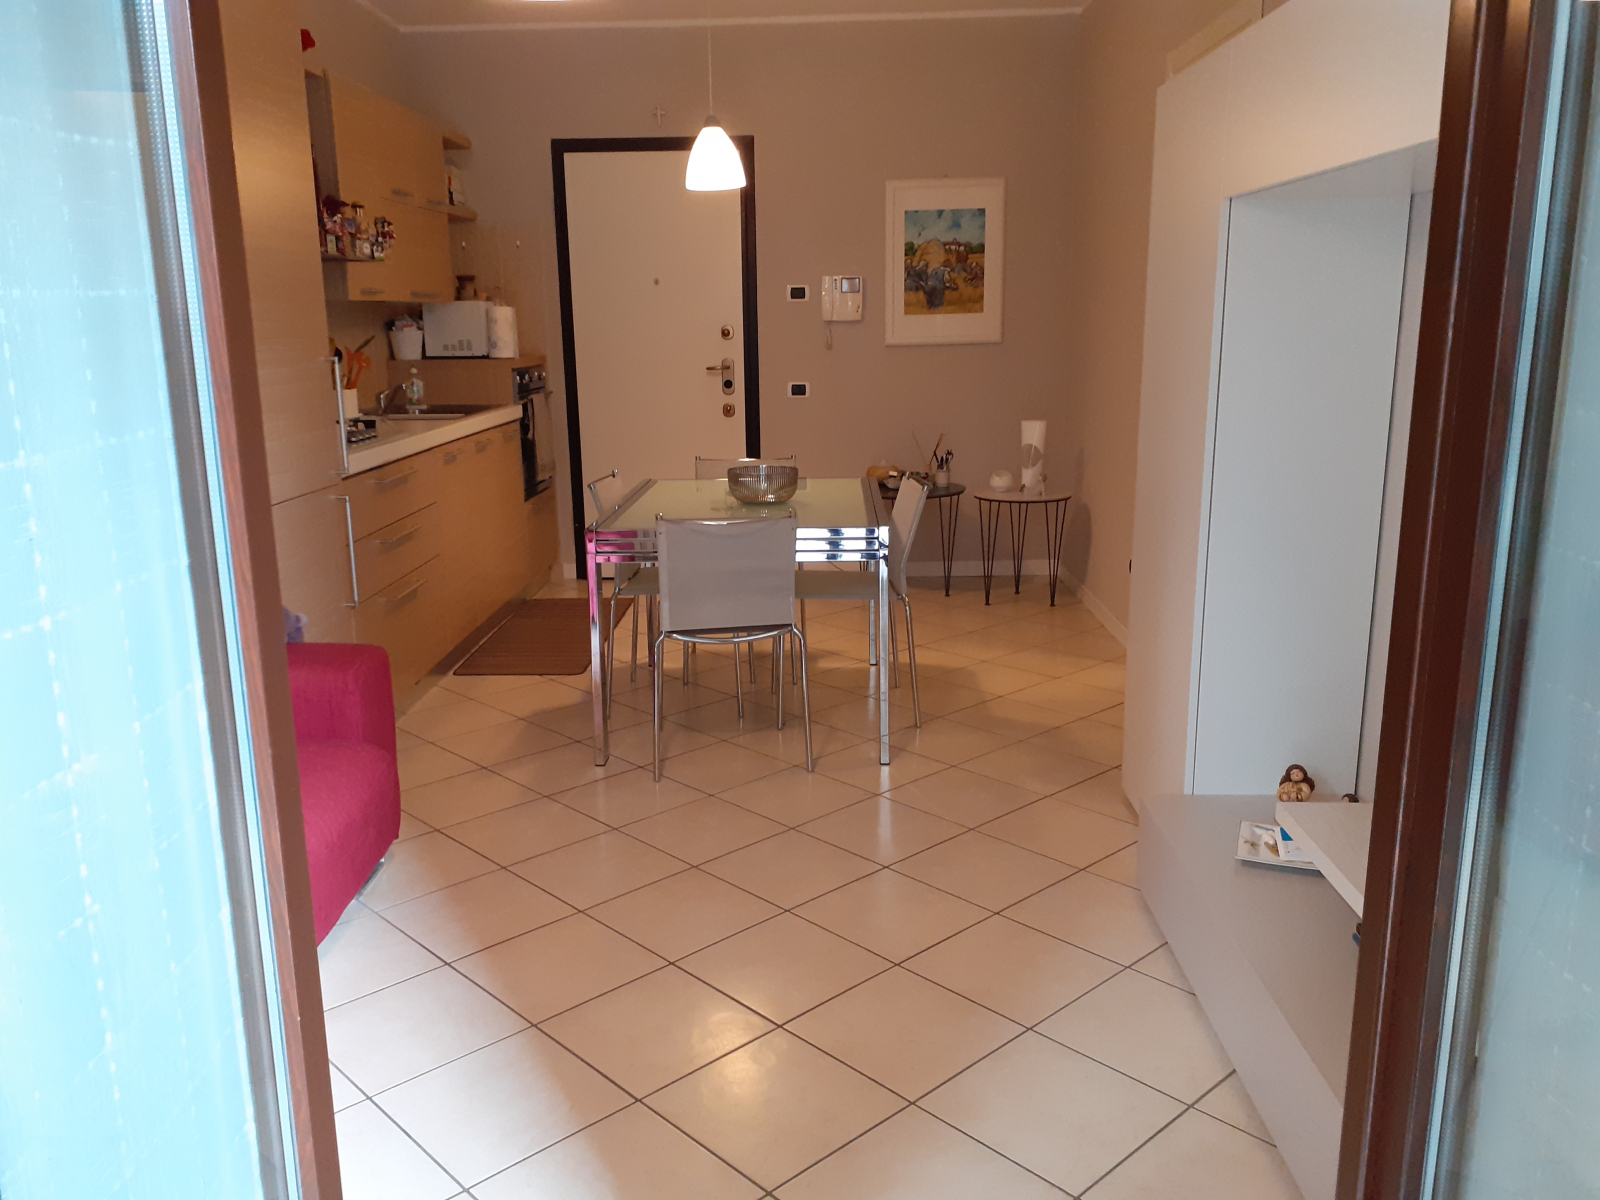 appartamento-in-vendita-a-milano-san-siro-via-capecelatro-spaziourbano-immobiliare-vende-3